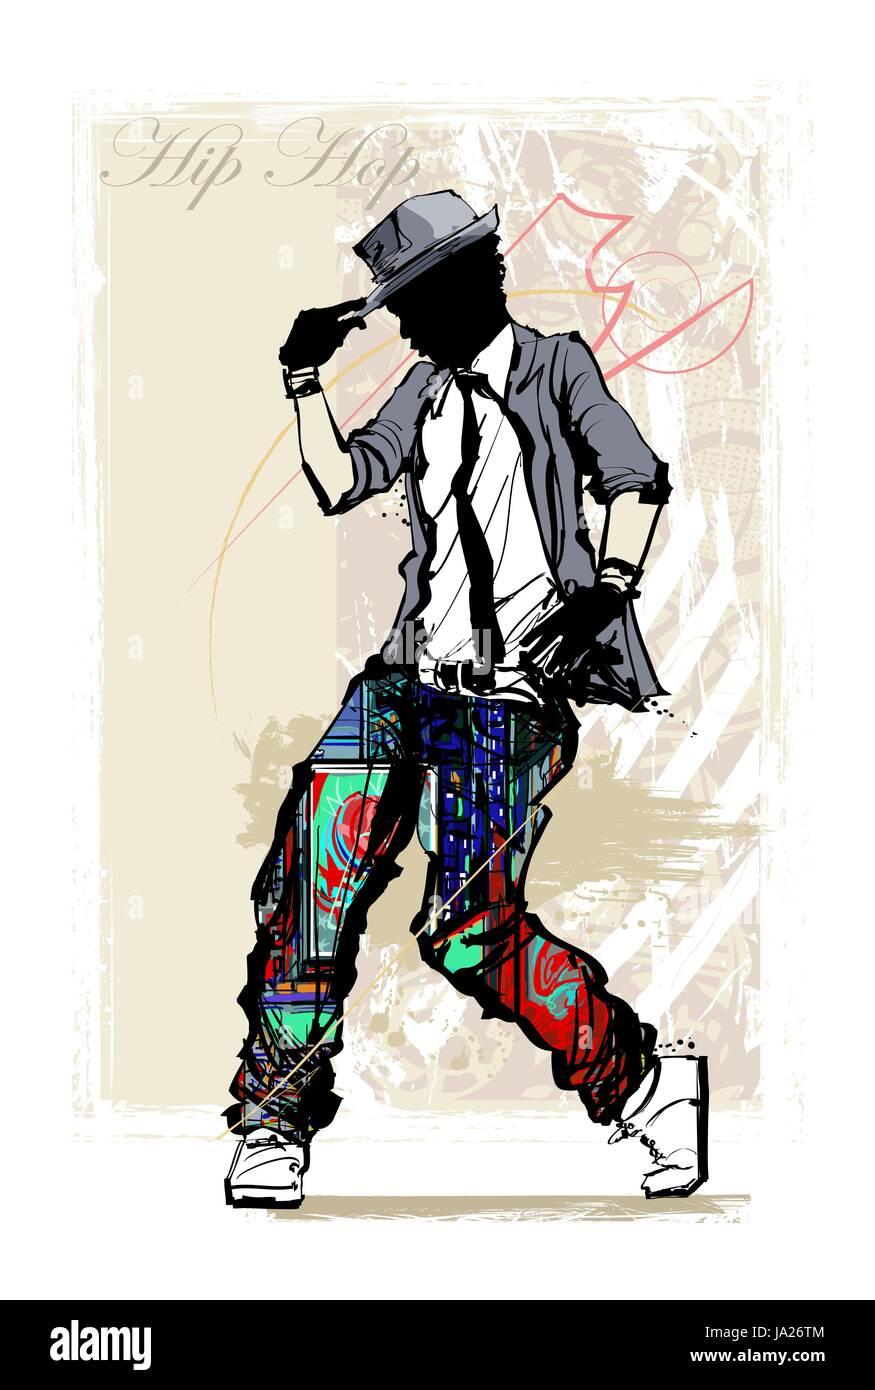 Hip hop dancer on grunge background - vector illustration Stock Vector